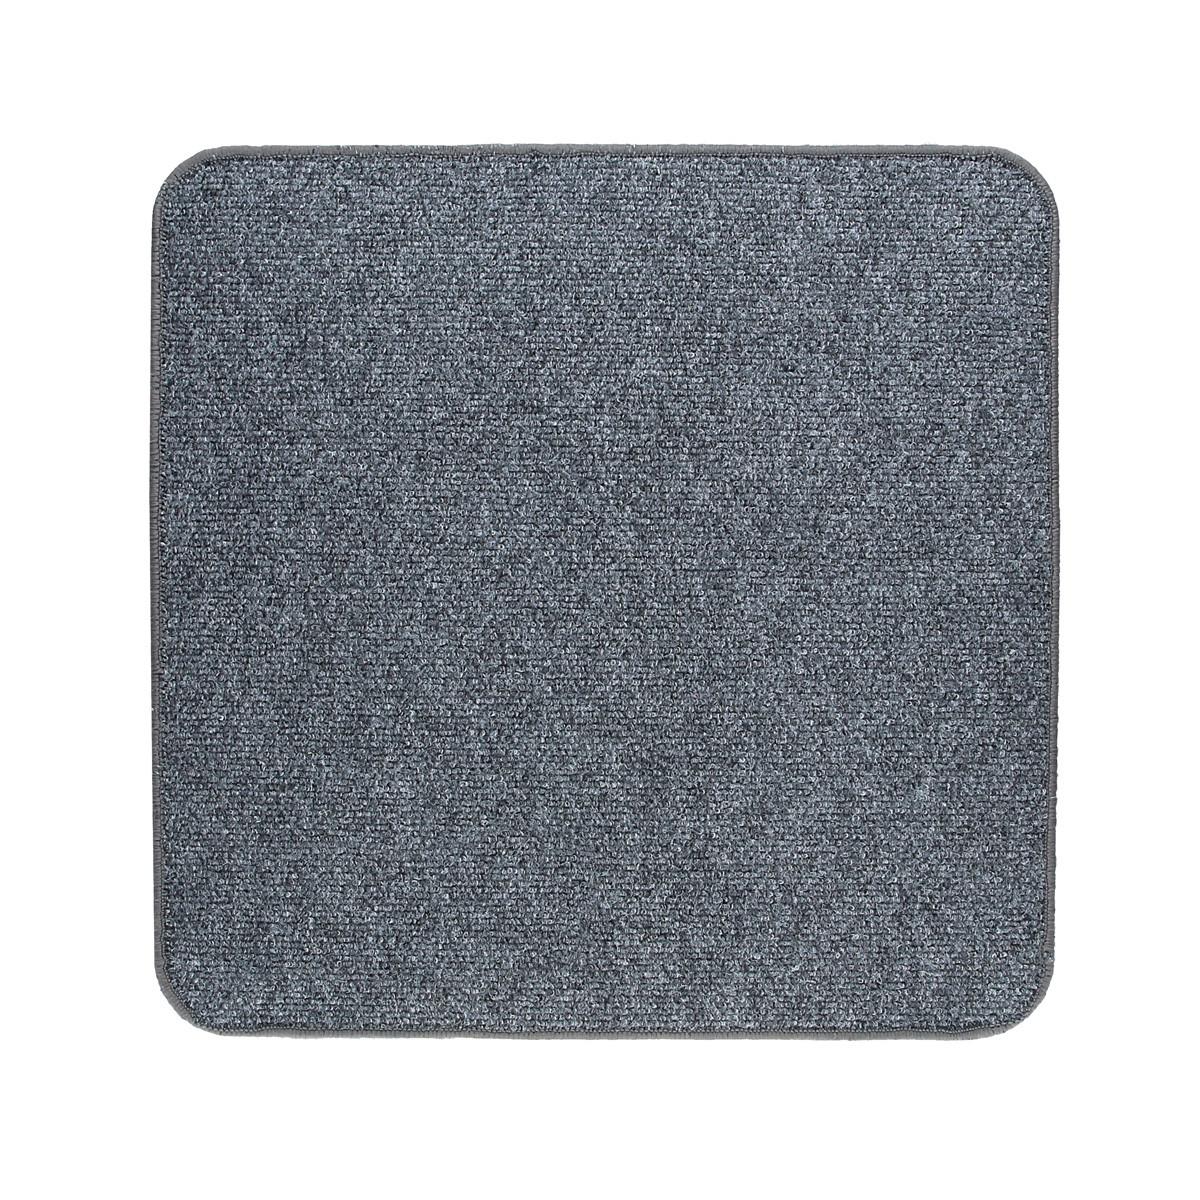 Електричний килимок з підігрівом Теплик двосторонній 50 х 50 см Темно-сірий